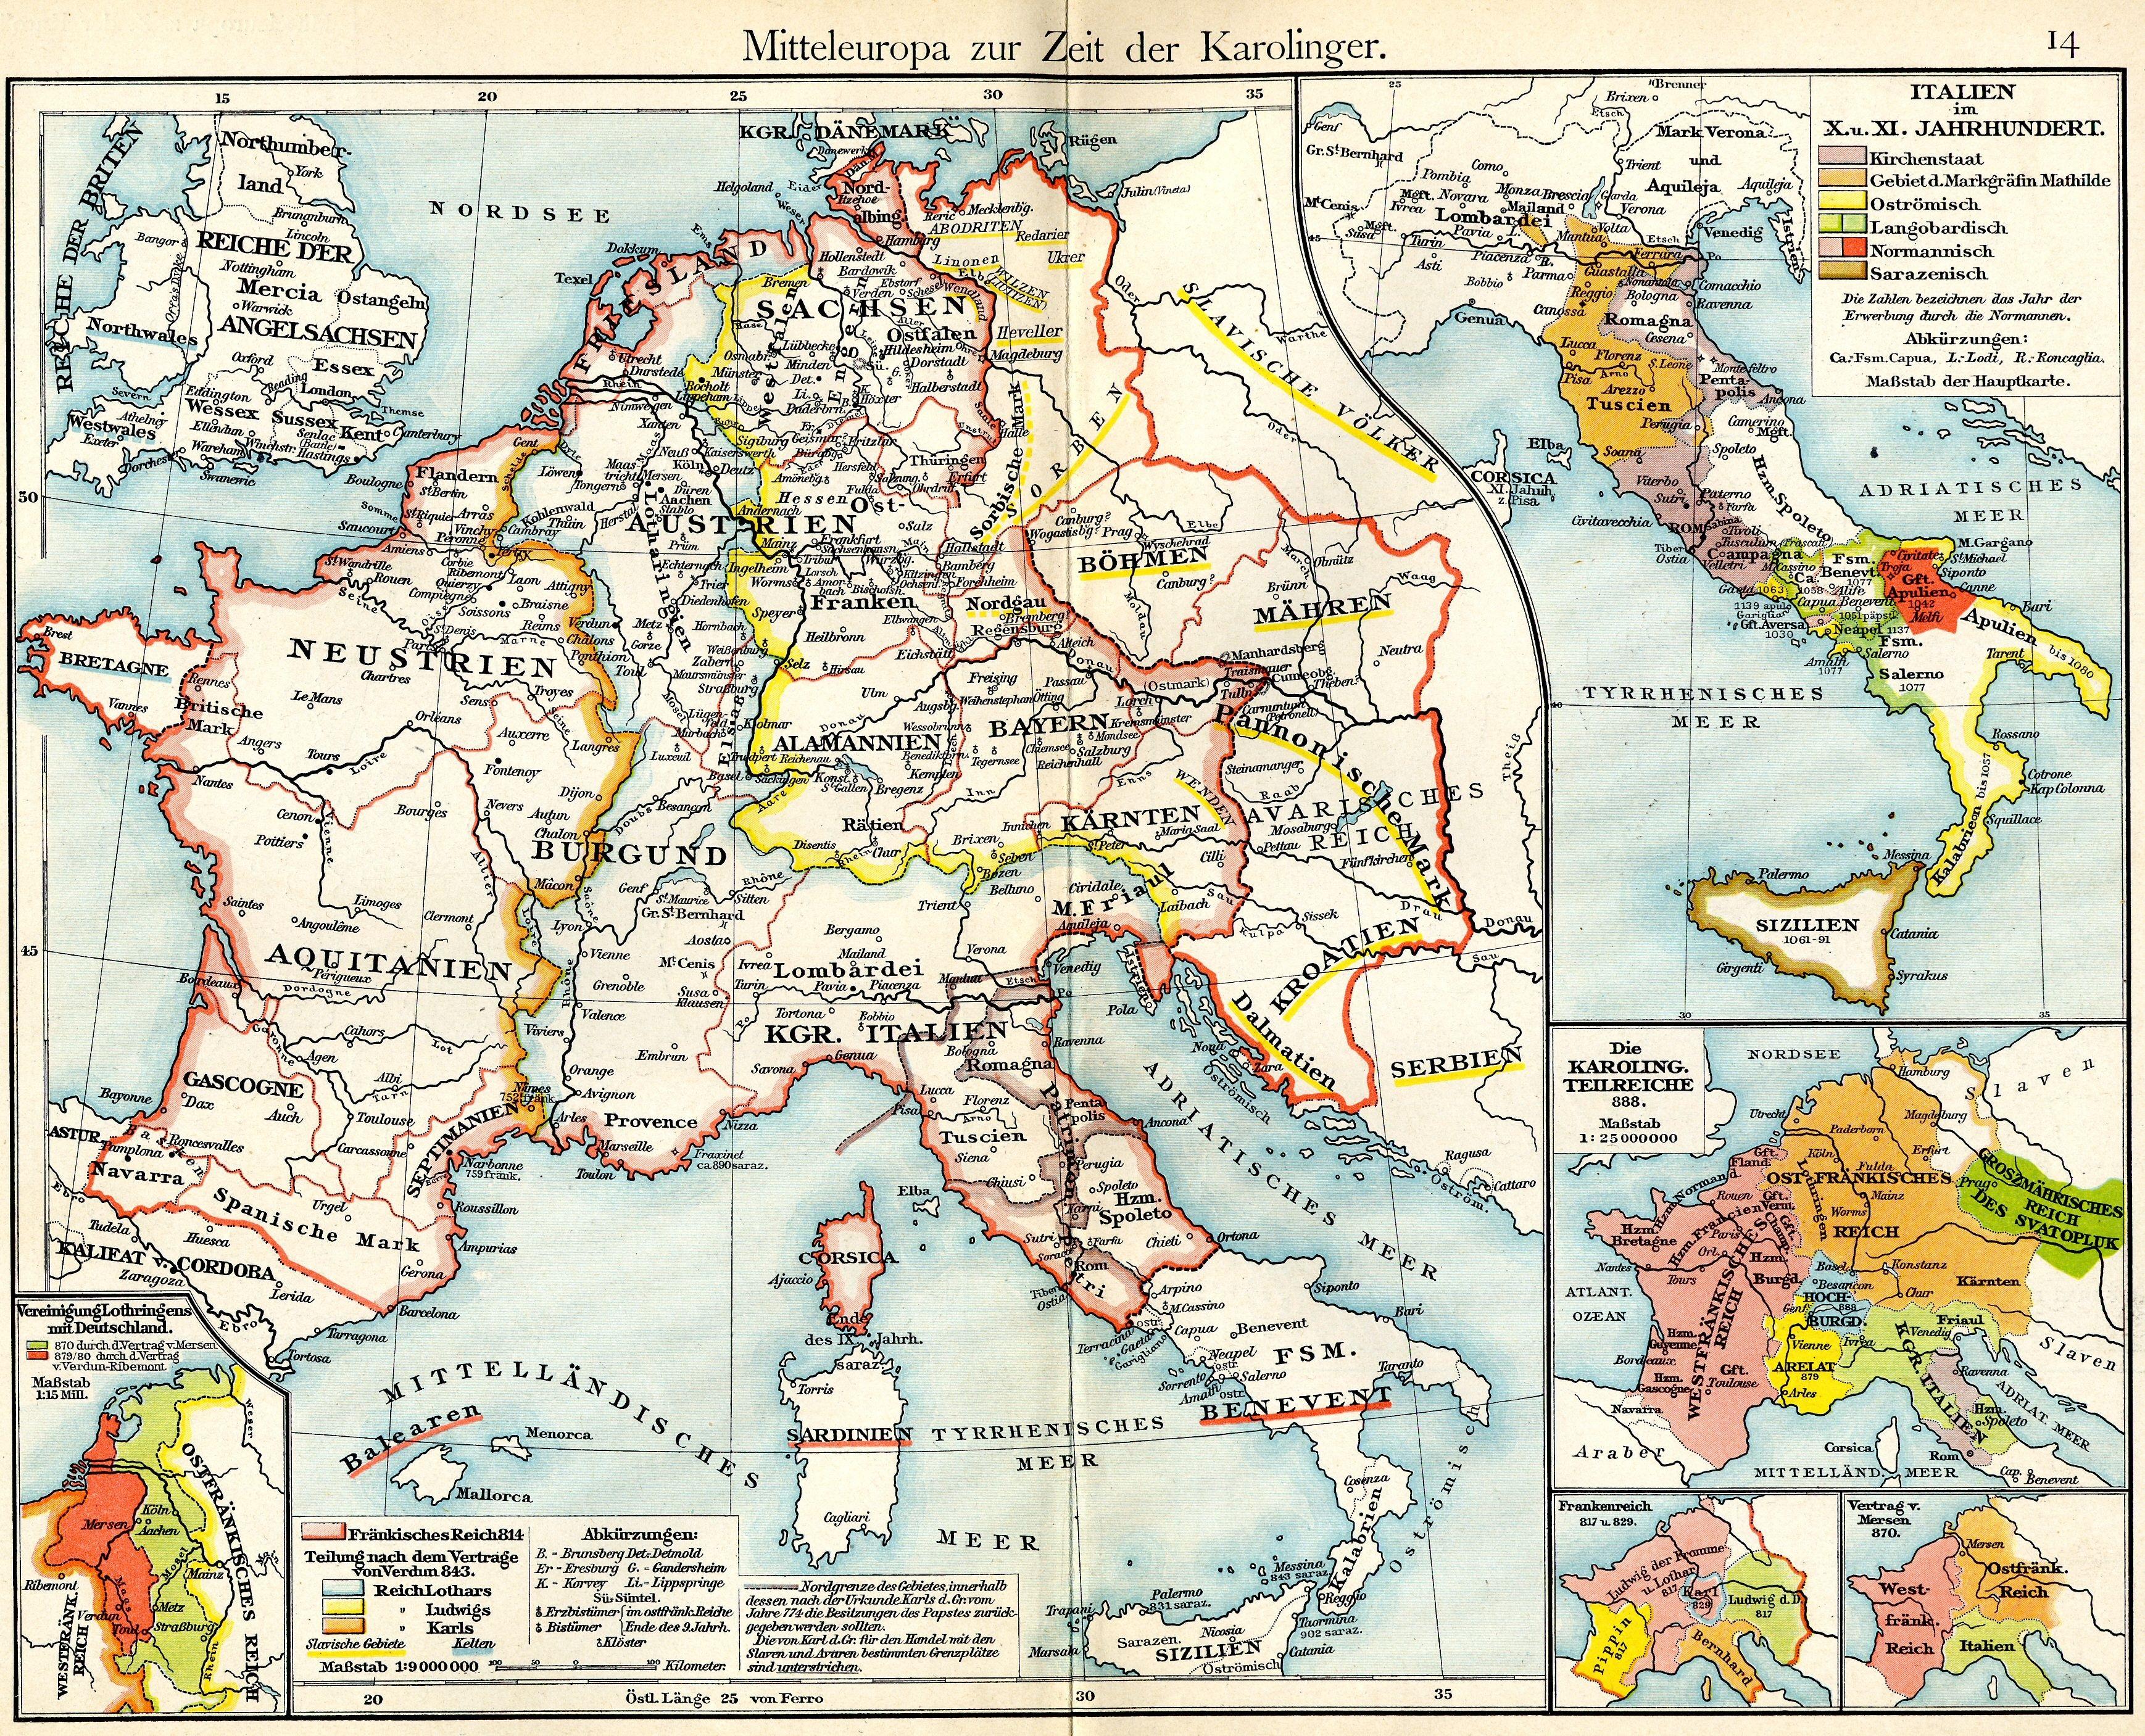 Közép-Európa a Karoling időszakban. Készült: Lipcse, 1877. Forrás: Wikipédia.